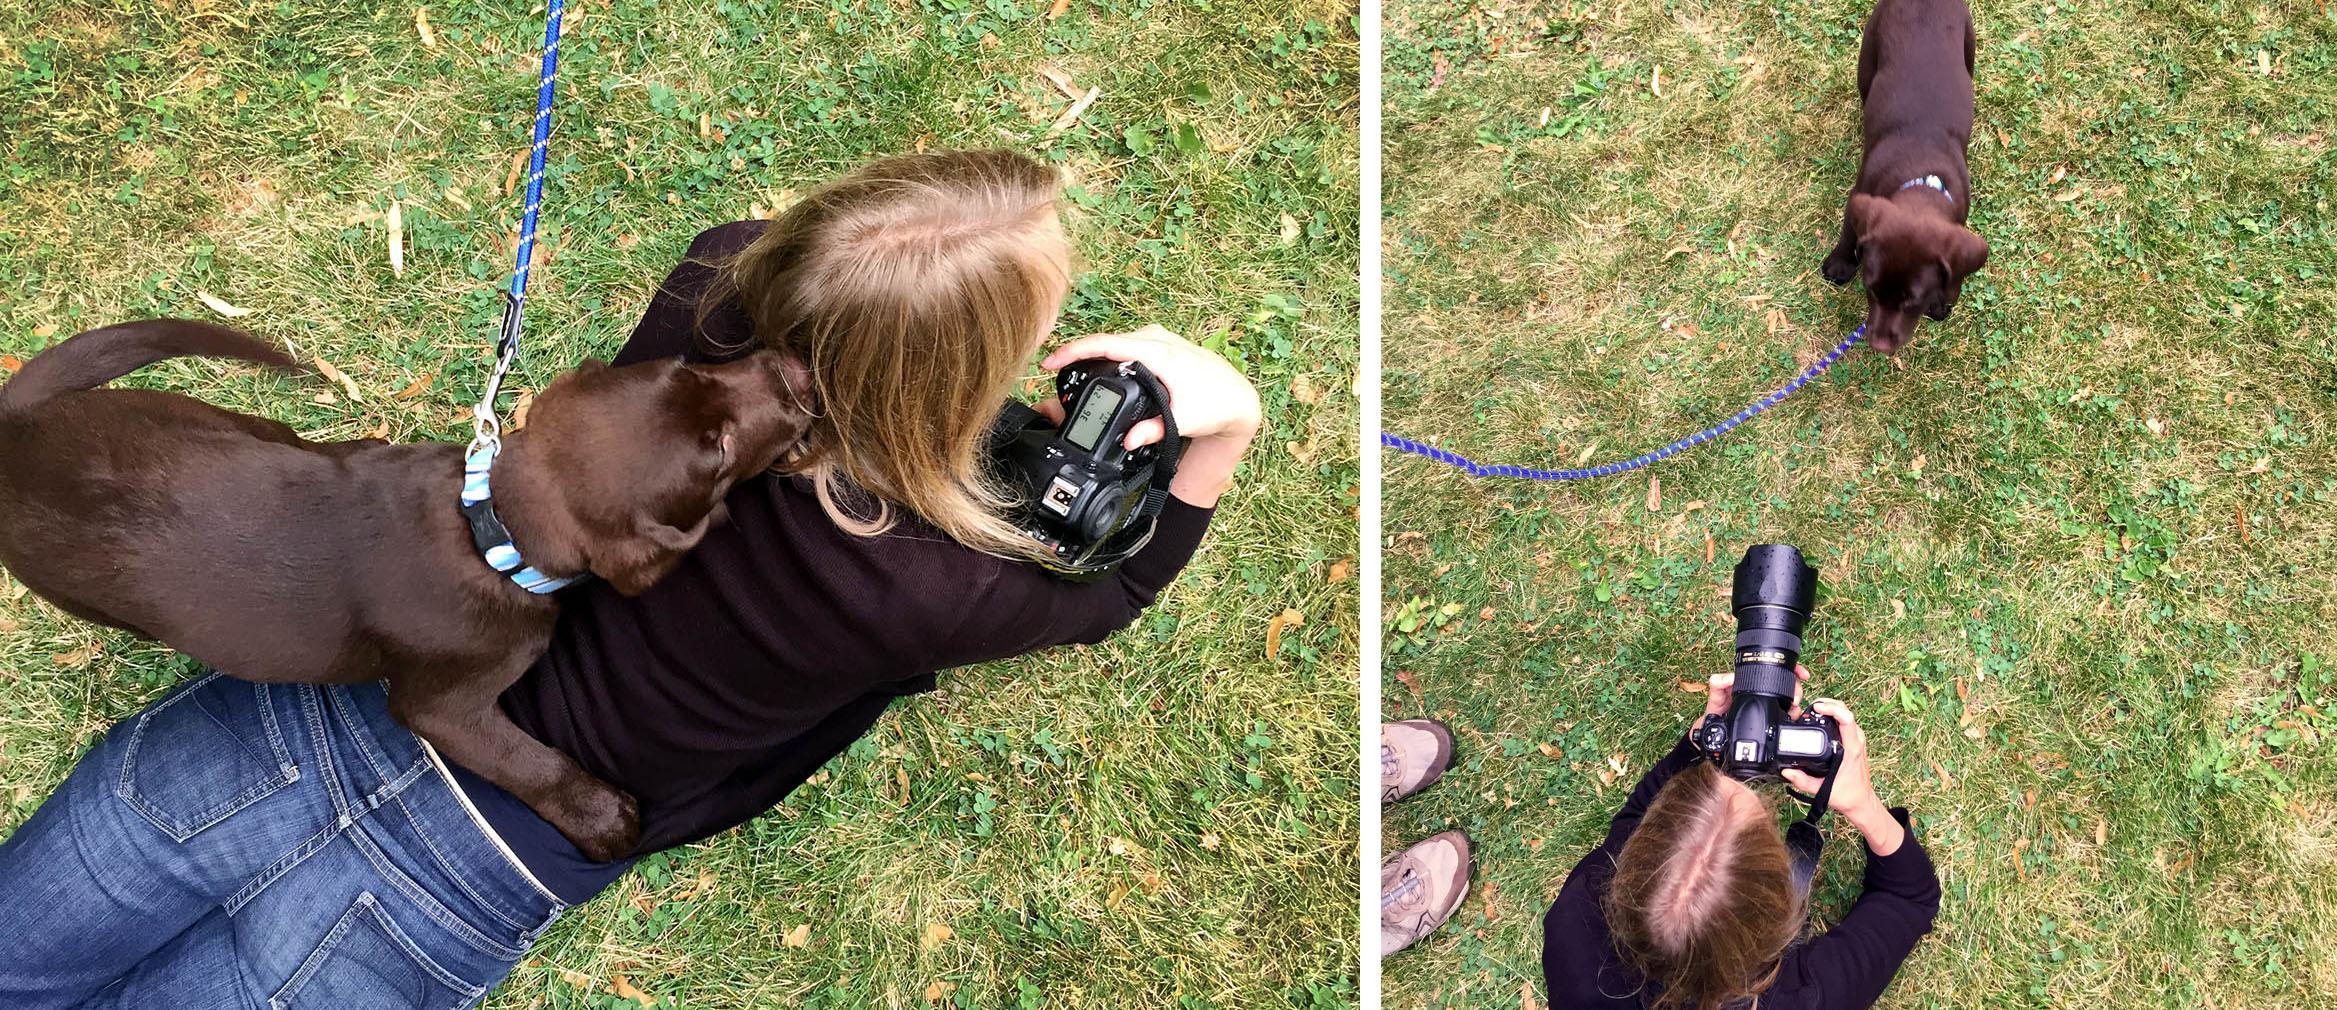 Un petit behind the scenes! Et oui! J'ai souvent des léchettes dans le visage et sur les oreilles (et dans les cheveux...)! Merci Danielle pour les photos!